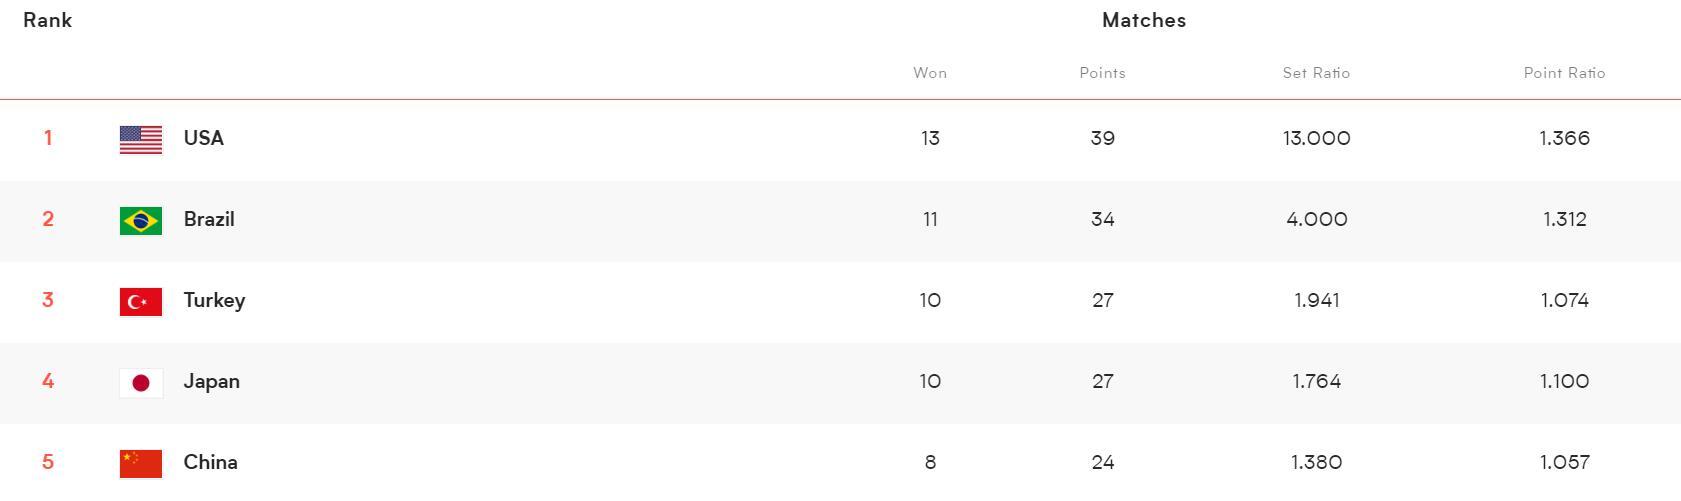 中国女排3-0俄罗斯,有望晋级四强